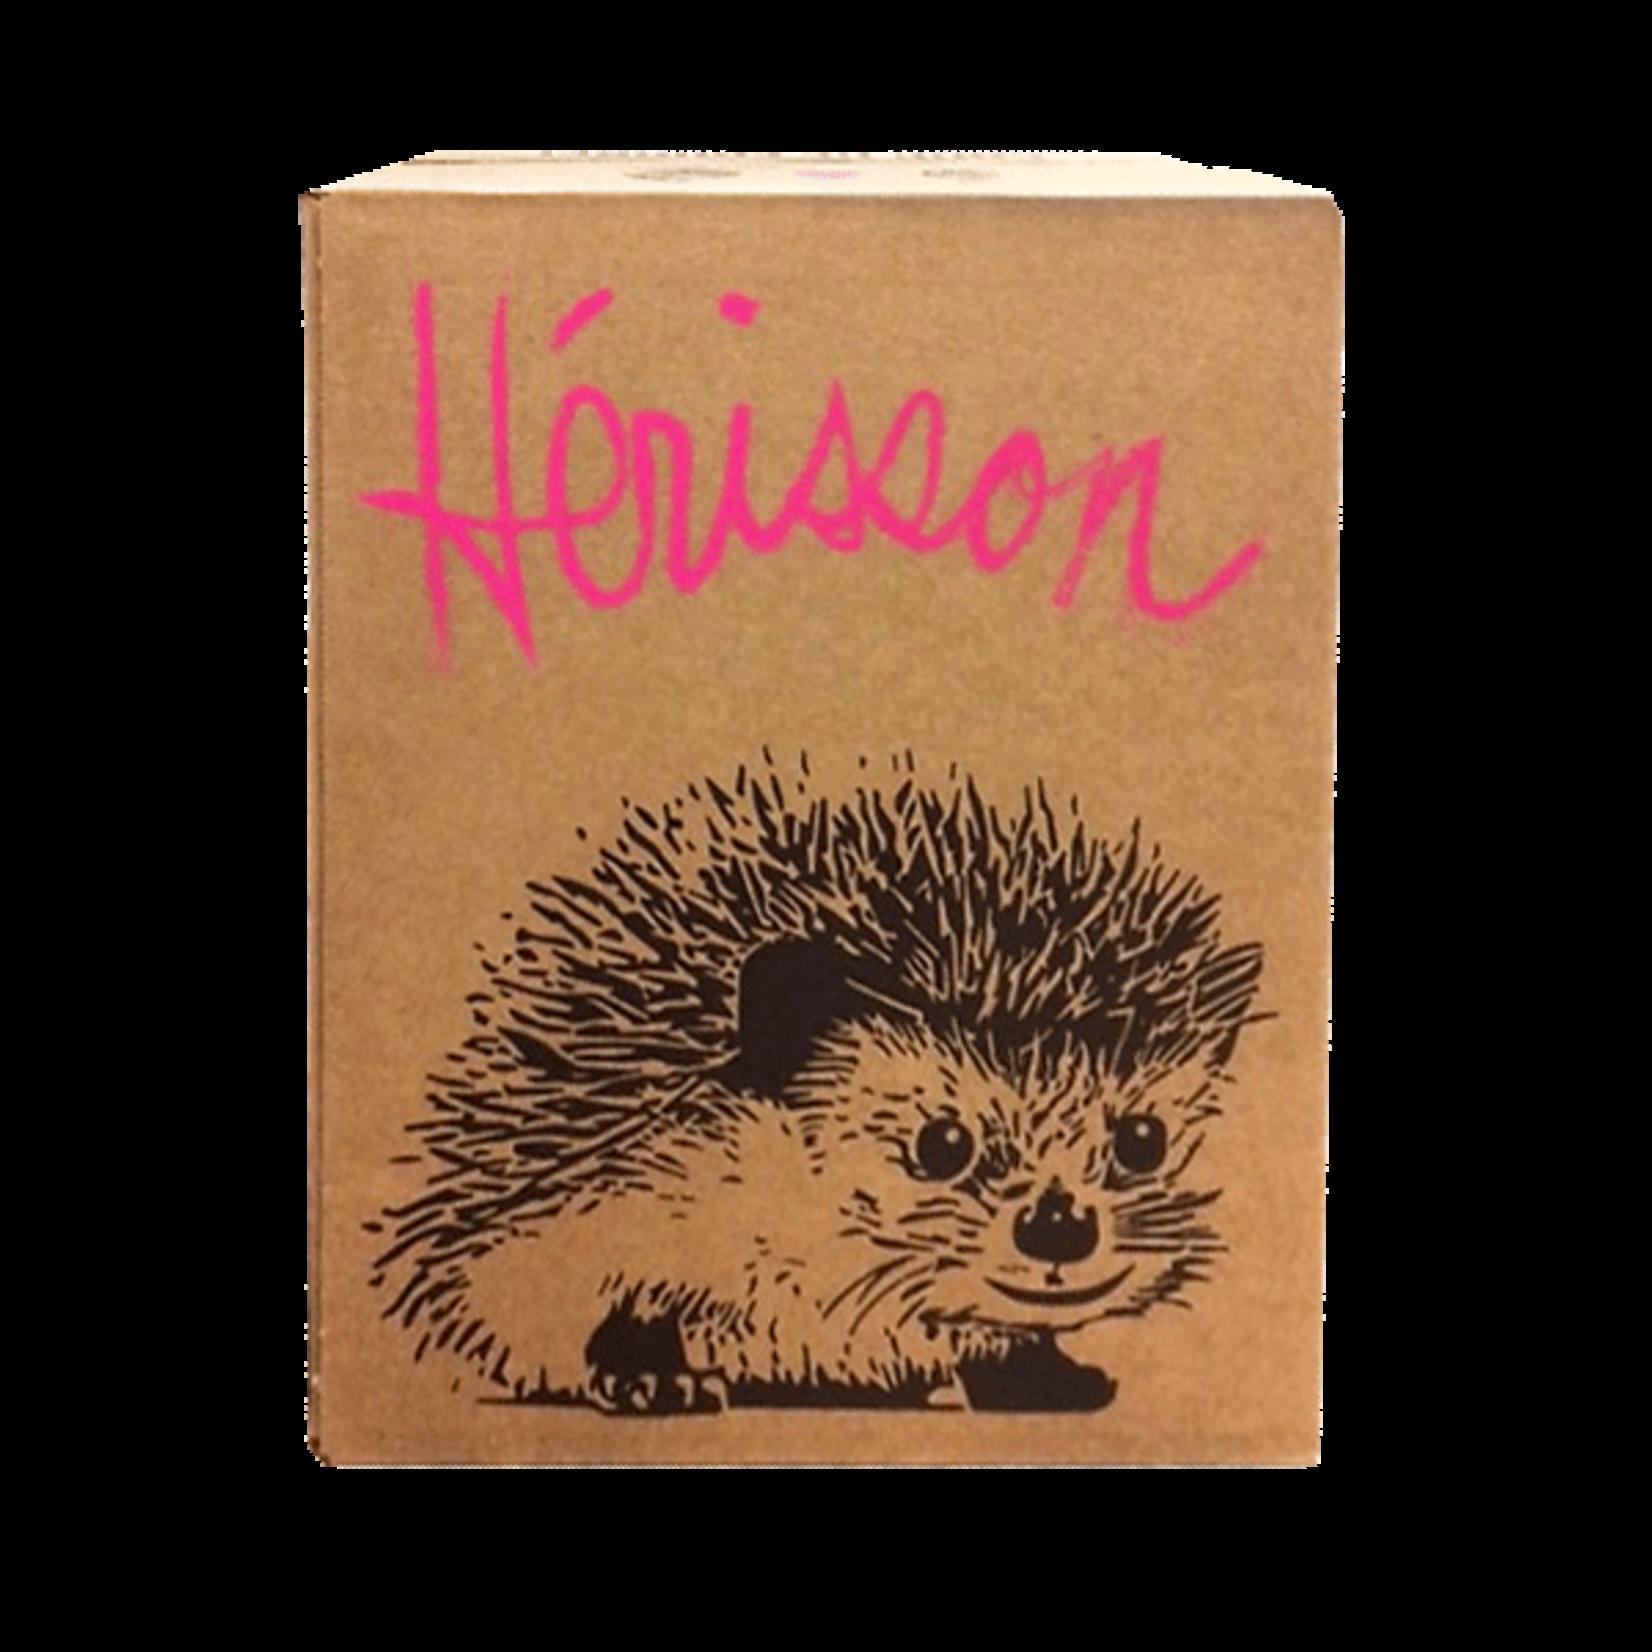 Herisson Rose 3L in a Box